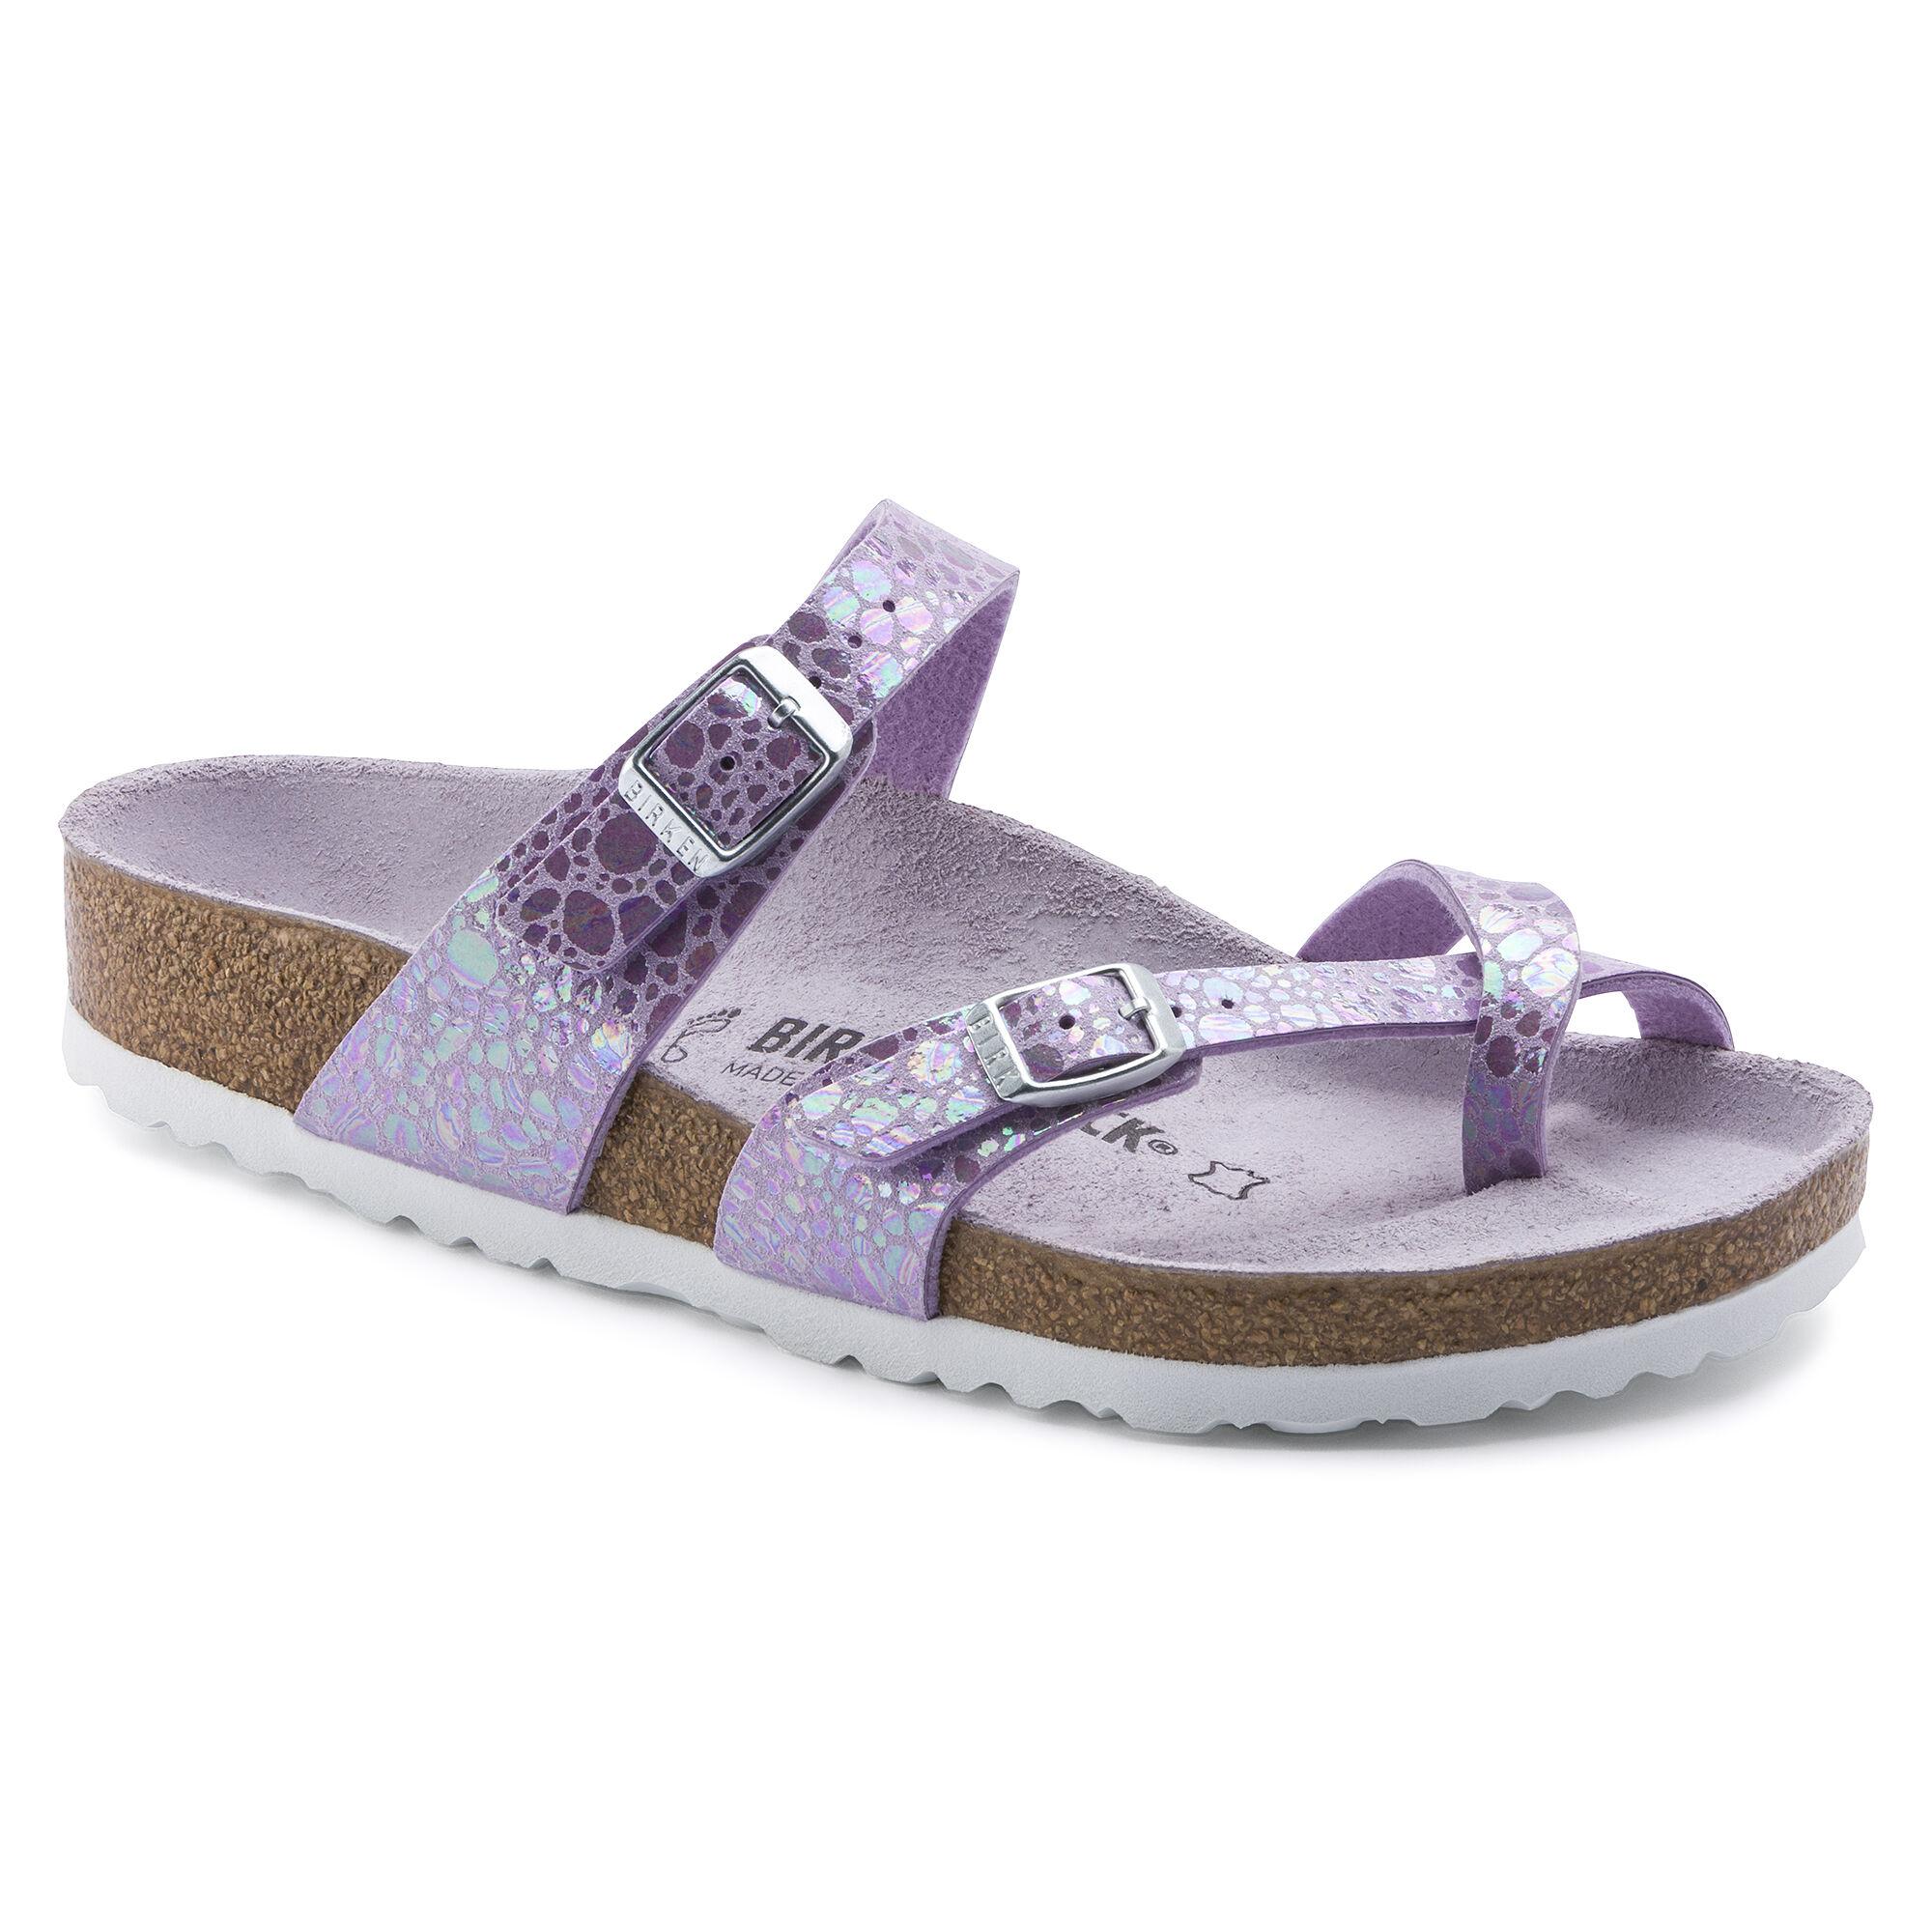 Details about Birkenstock Papillio Gizeh Purple Jeans Look Toe Separators Sandals Birko Flor Womens show original title